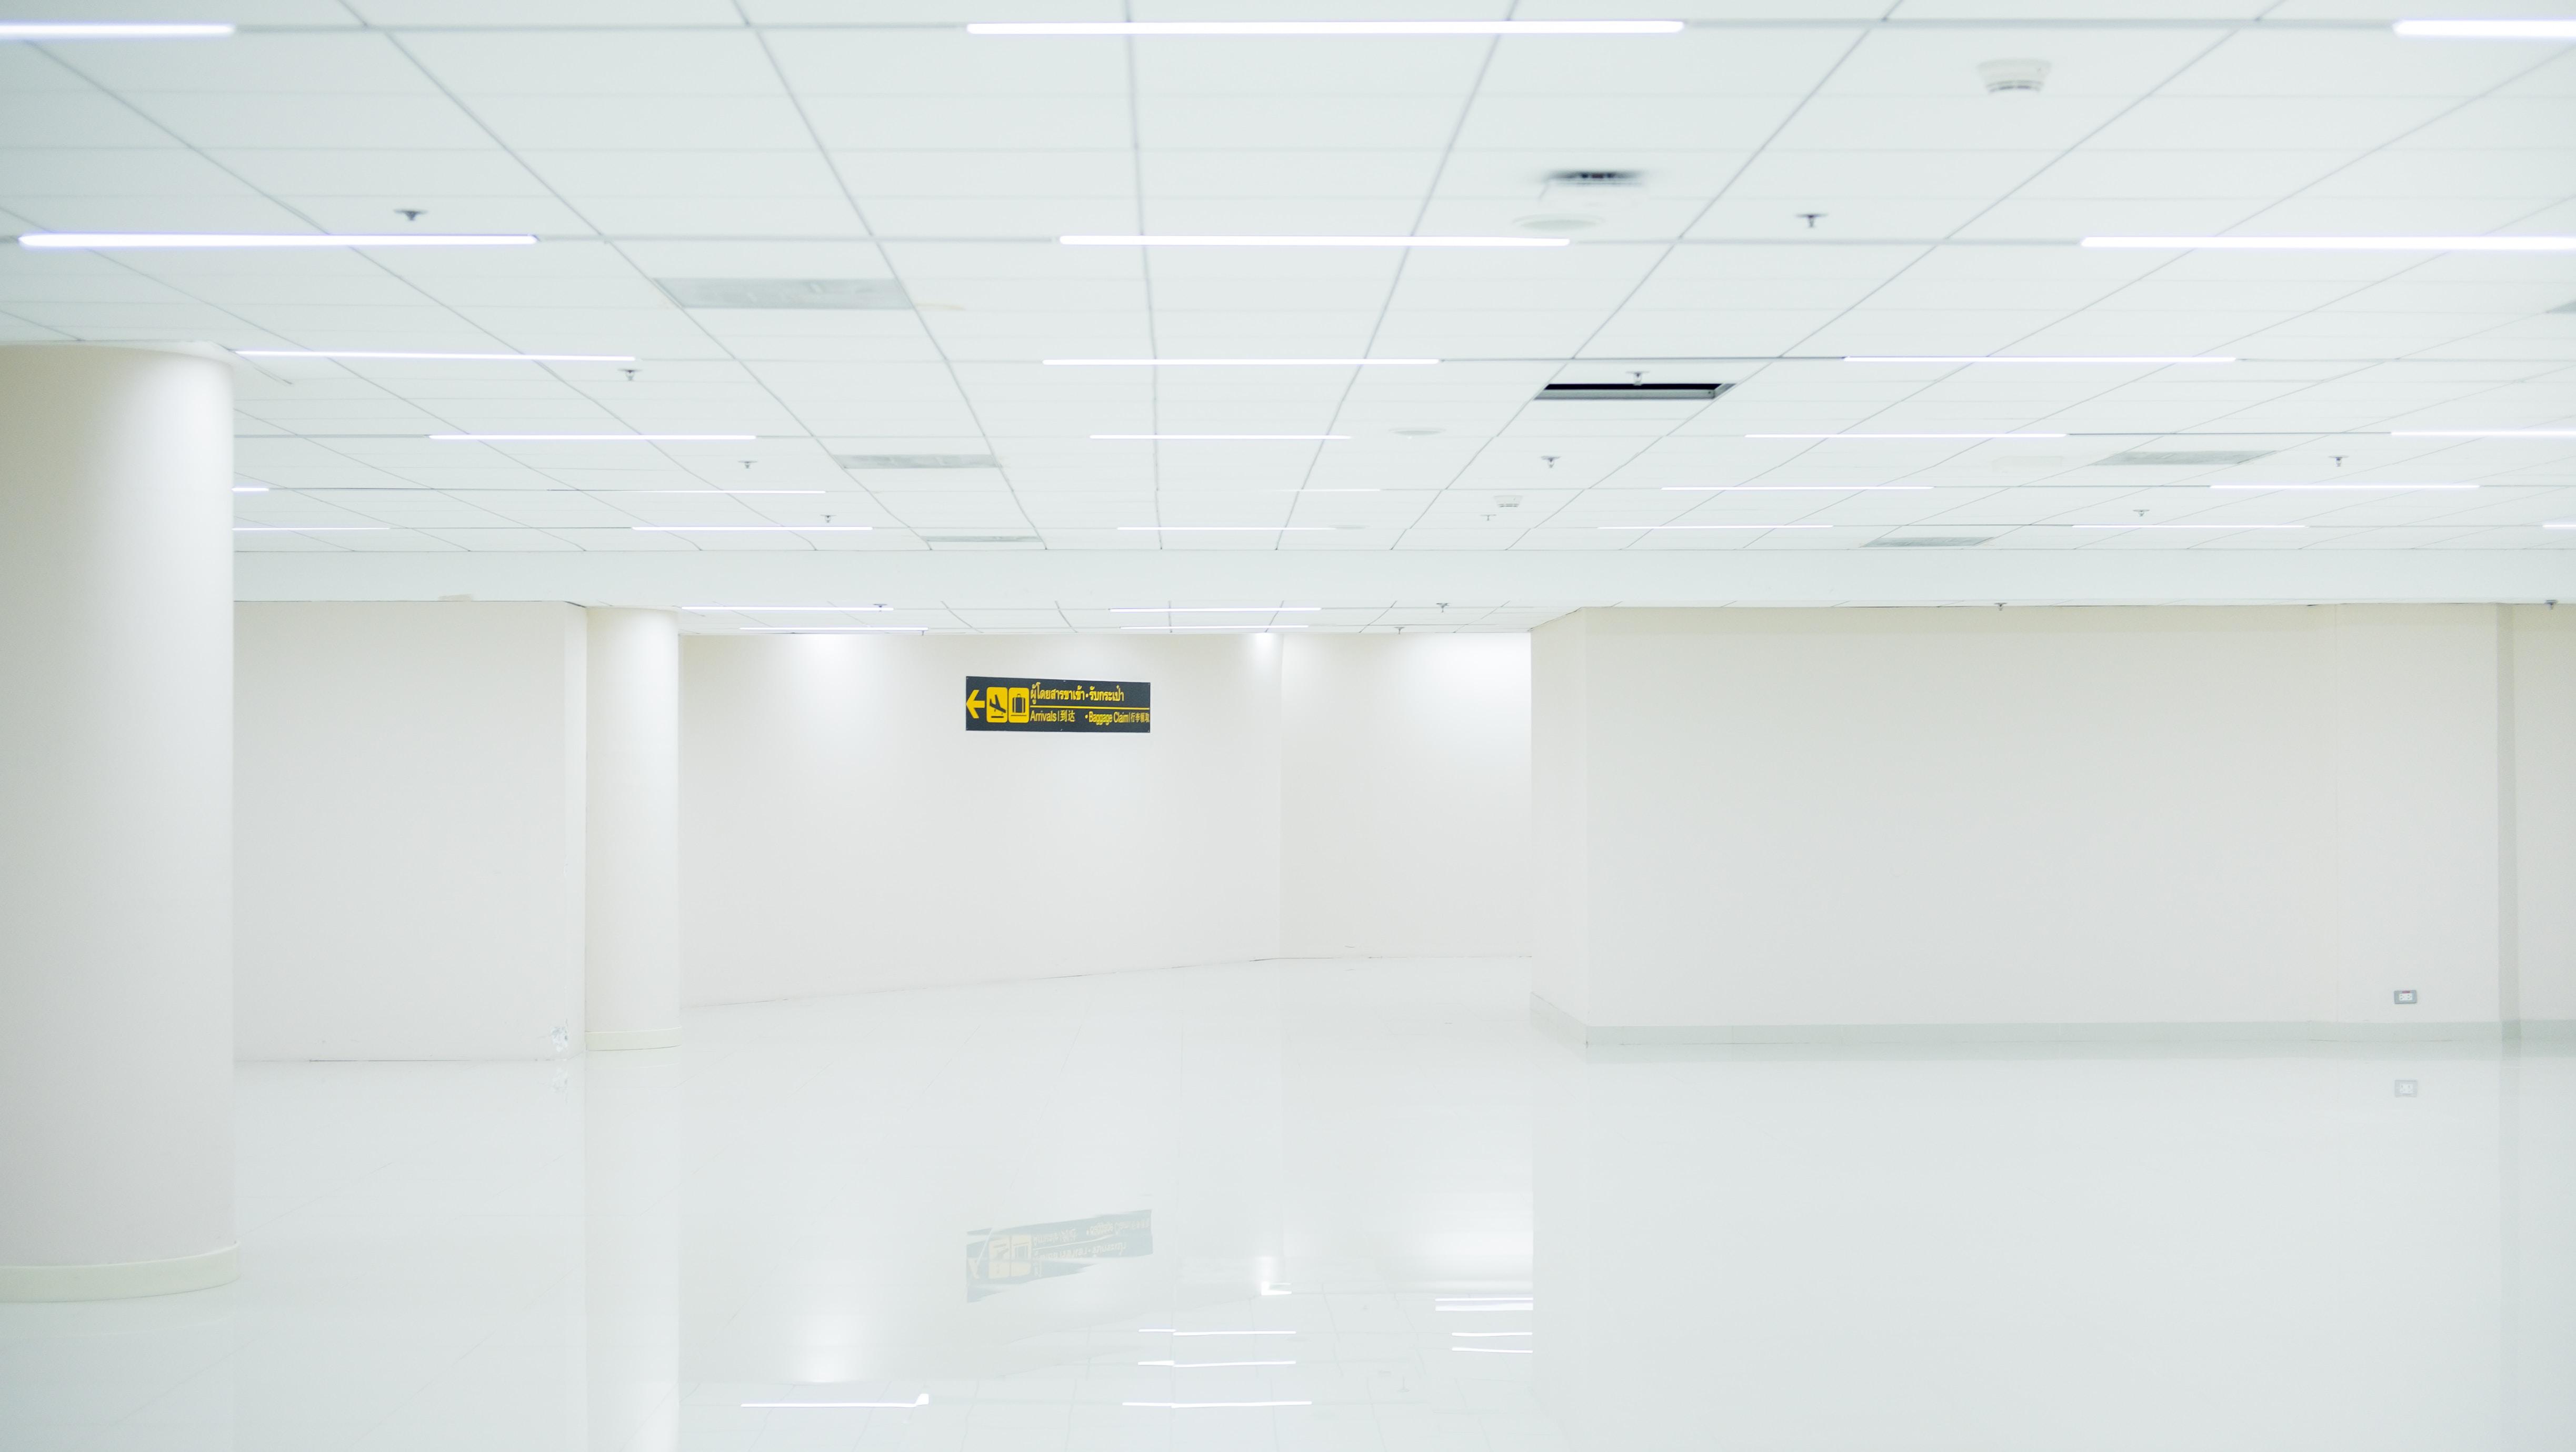 photo of white tiled room